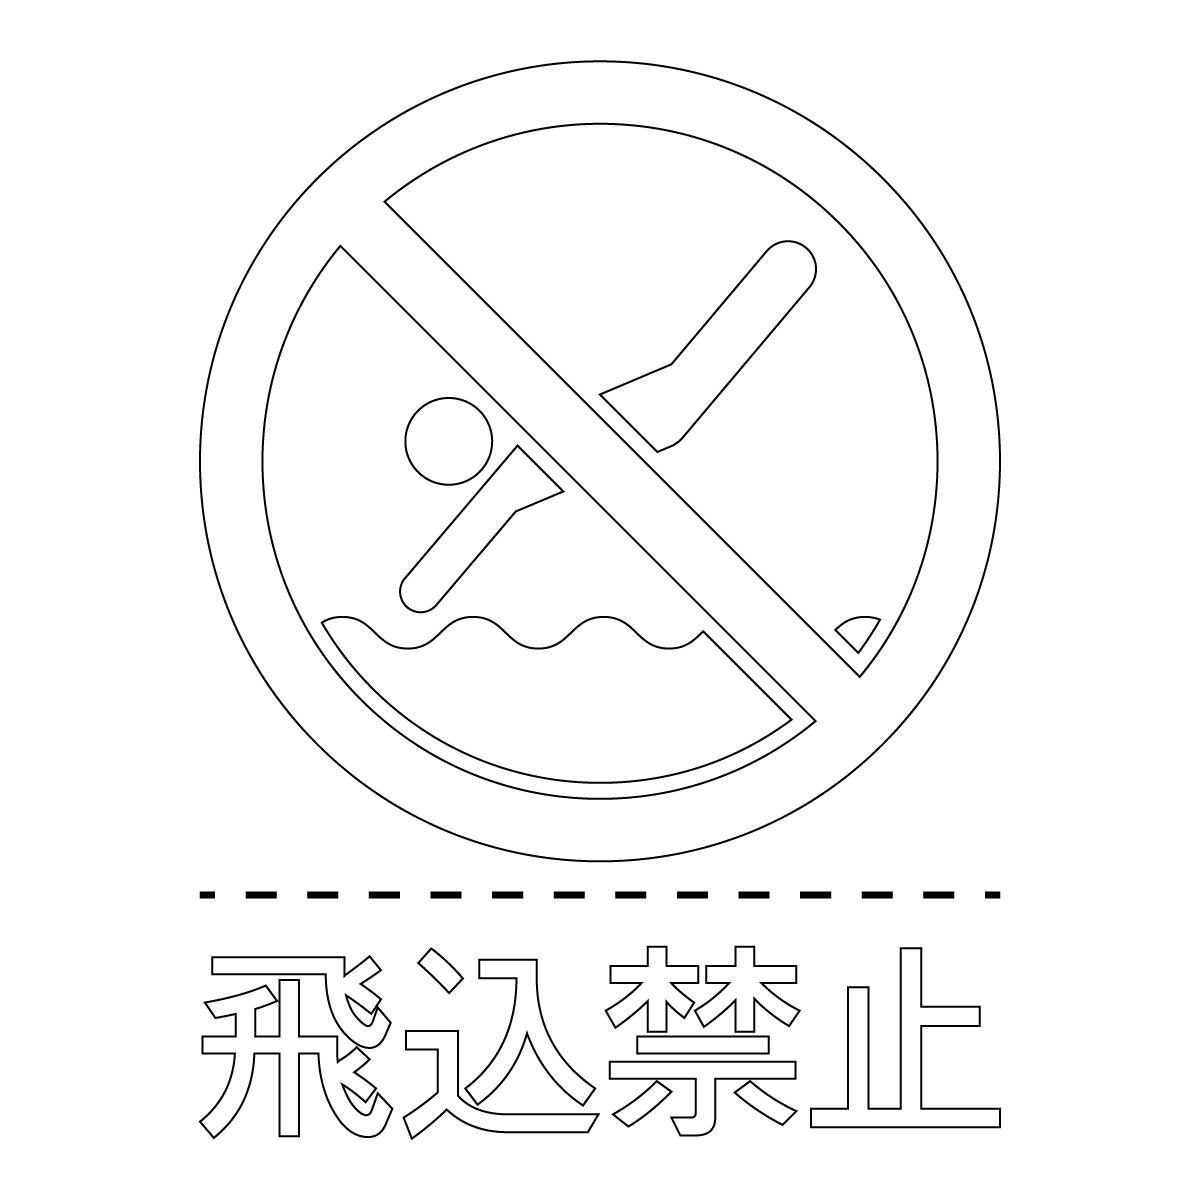 白色の飛び込み禁止(飛込禁止の文字付き)マークのカッティングステッカー・シール 光沢タイプ・防水・耐水・屋外耐候3~4年